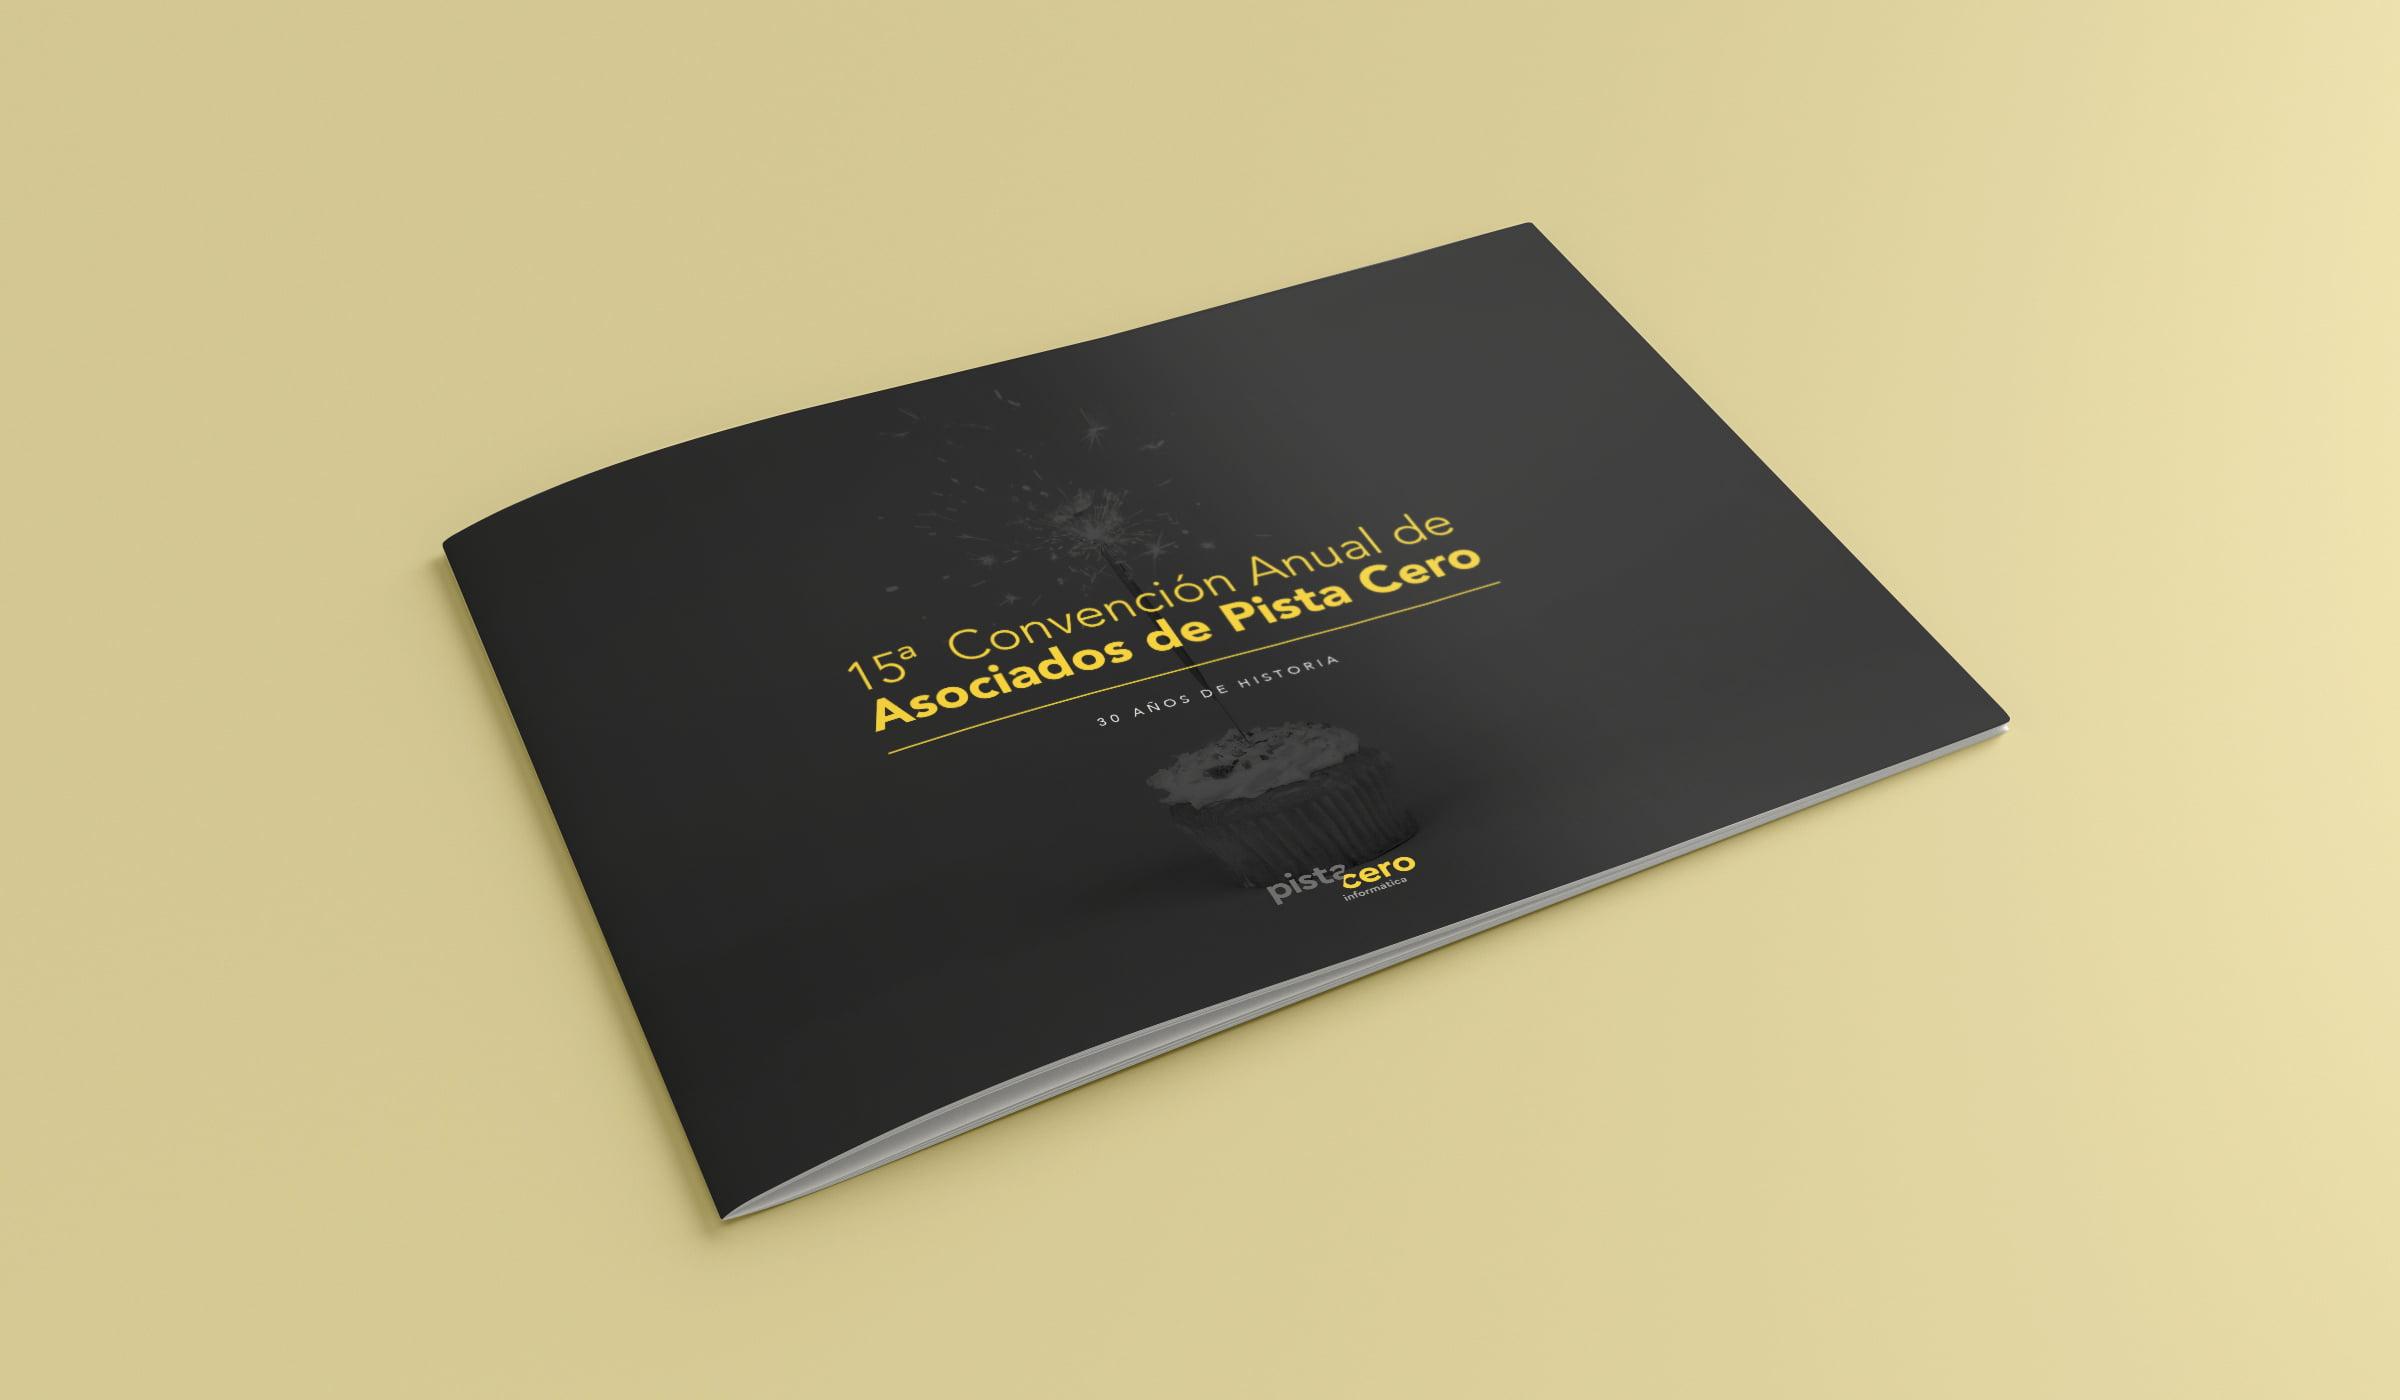 Dossier Pista Cero